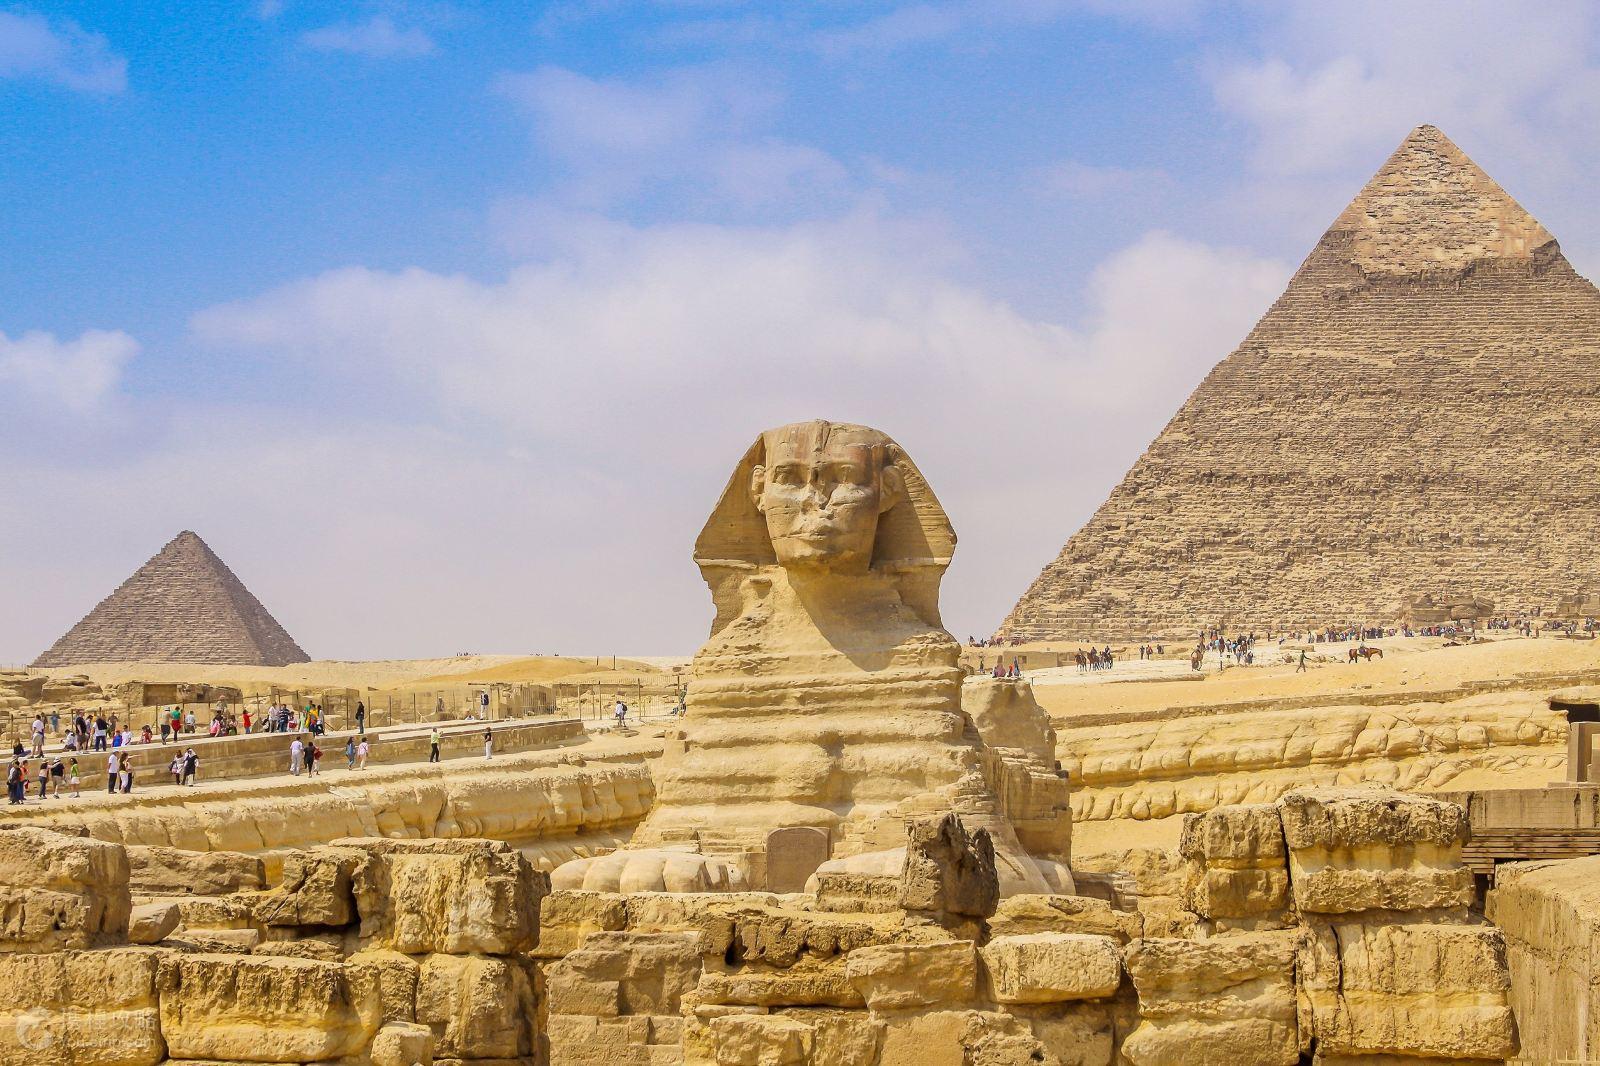 金字塔+狮身人面像